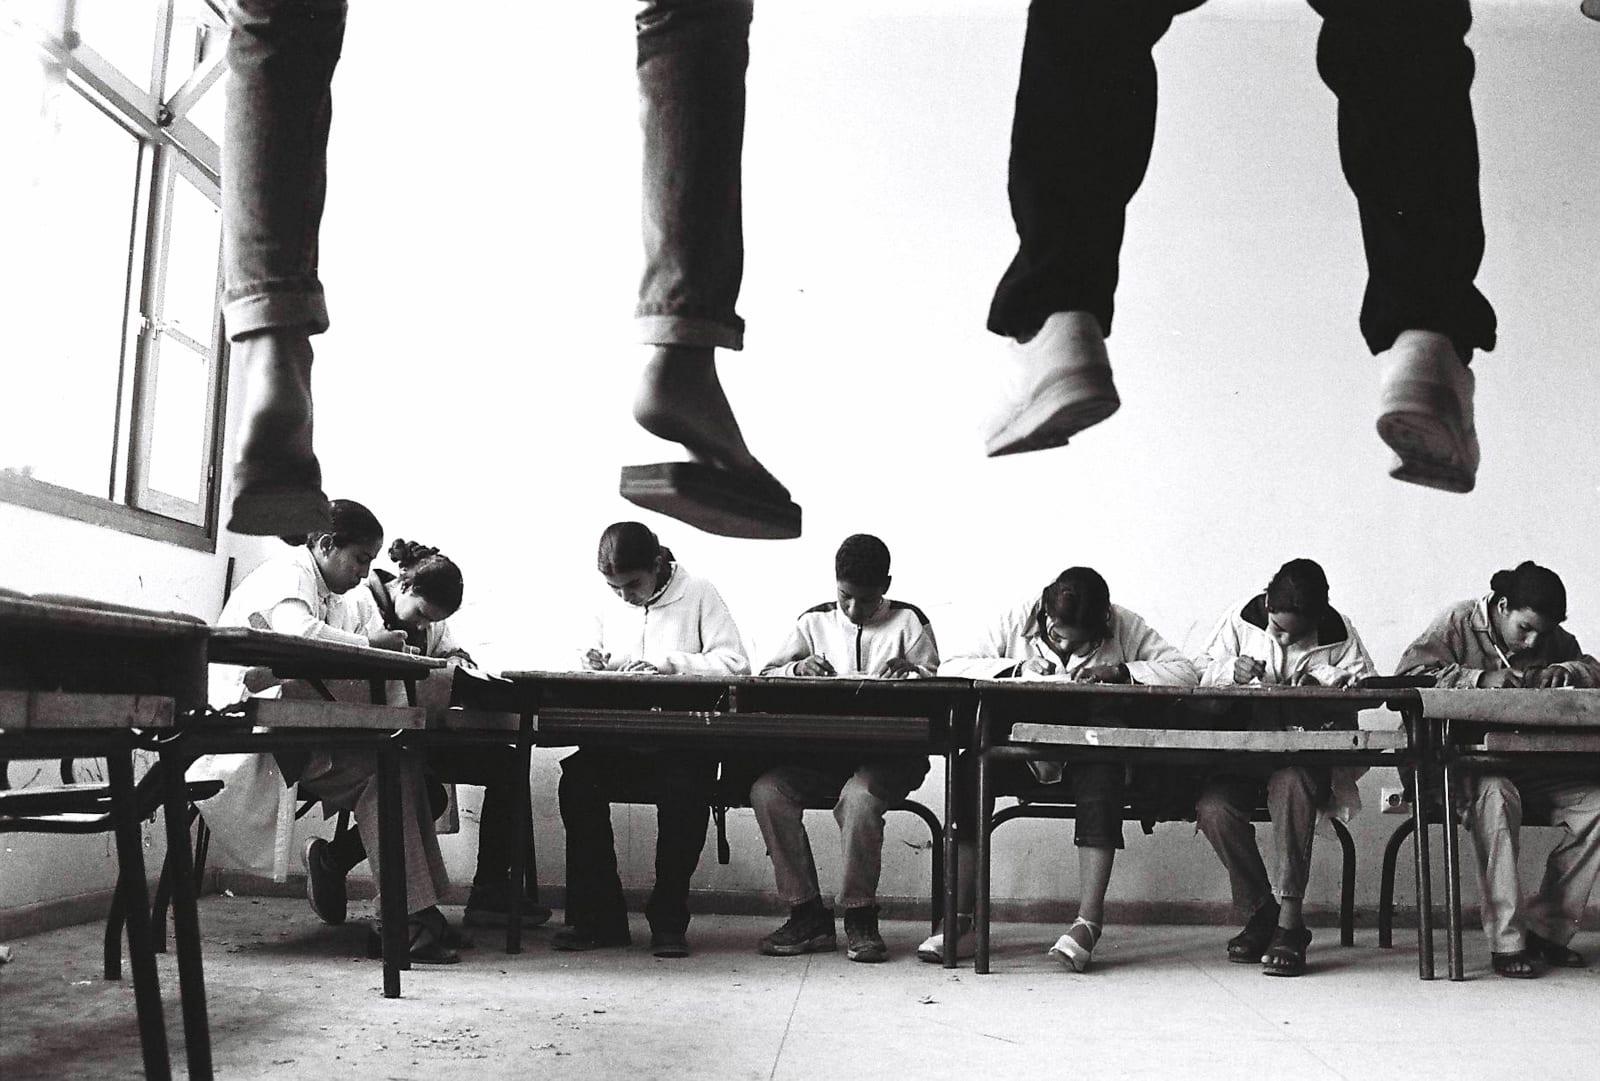 Hicham Benohoud Untitled, La salle de classe series, 1994 - 2002